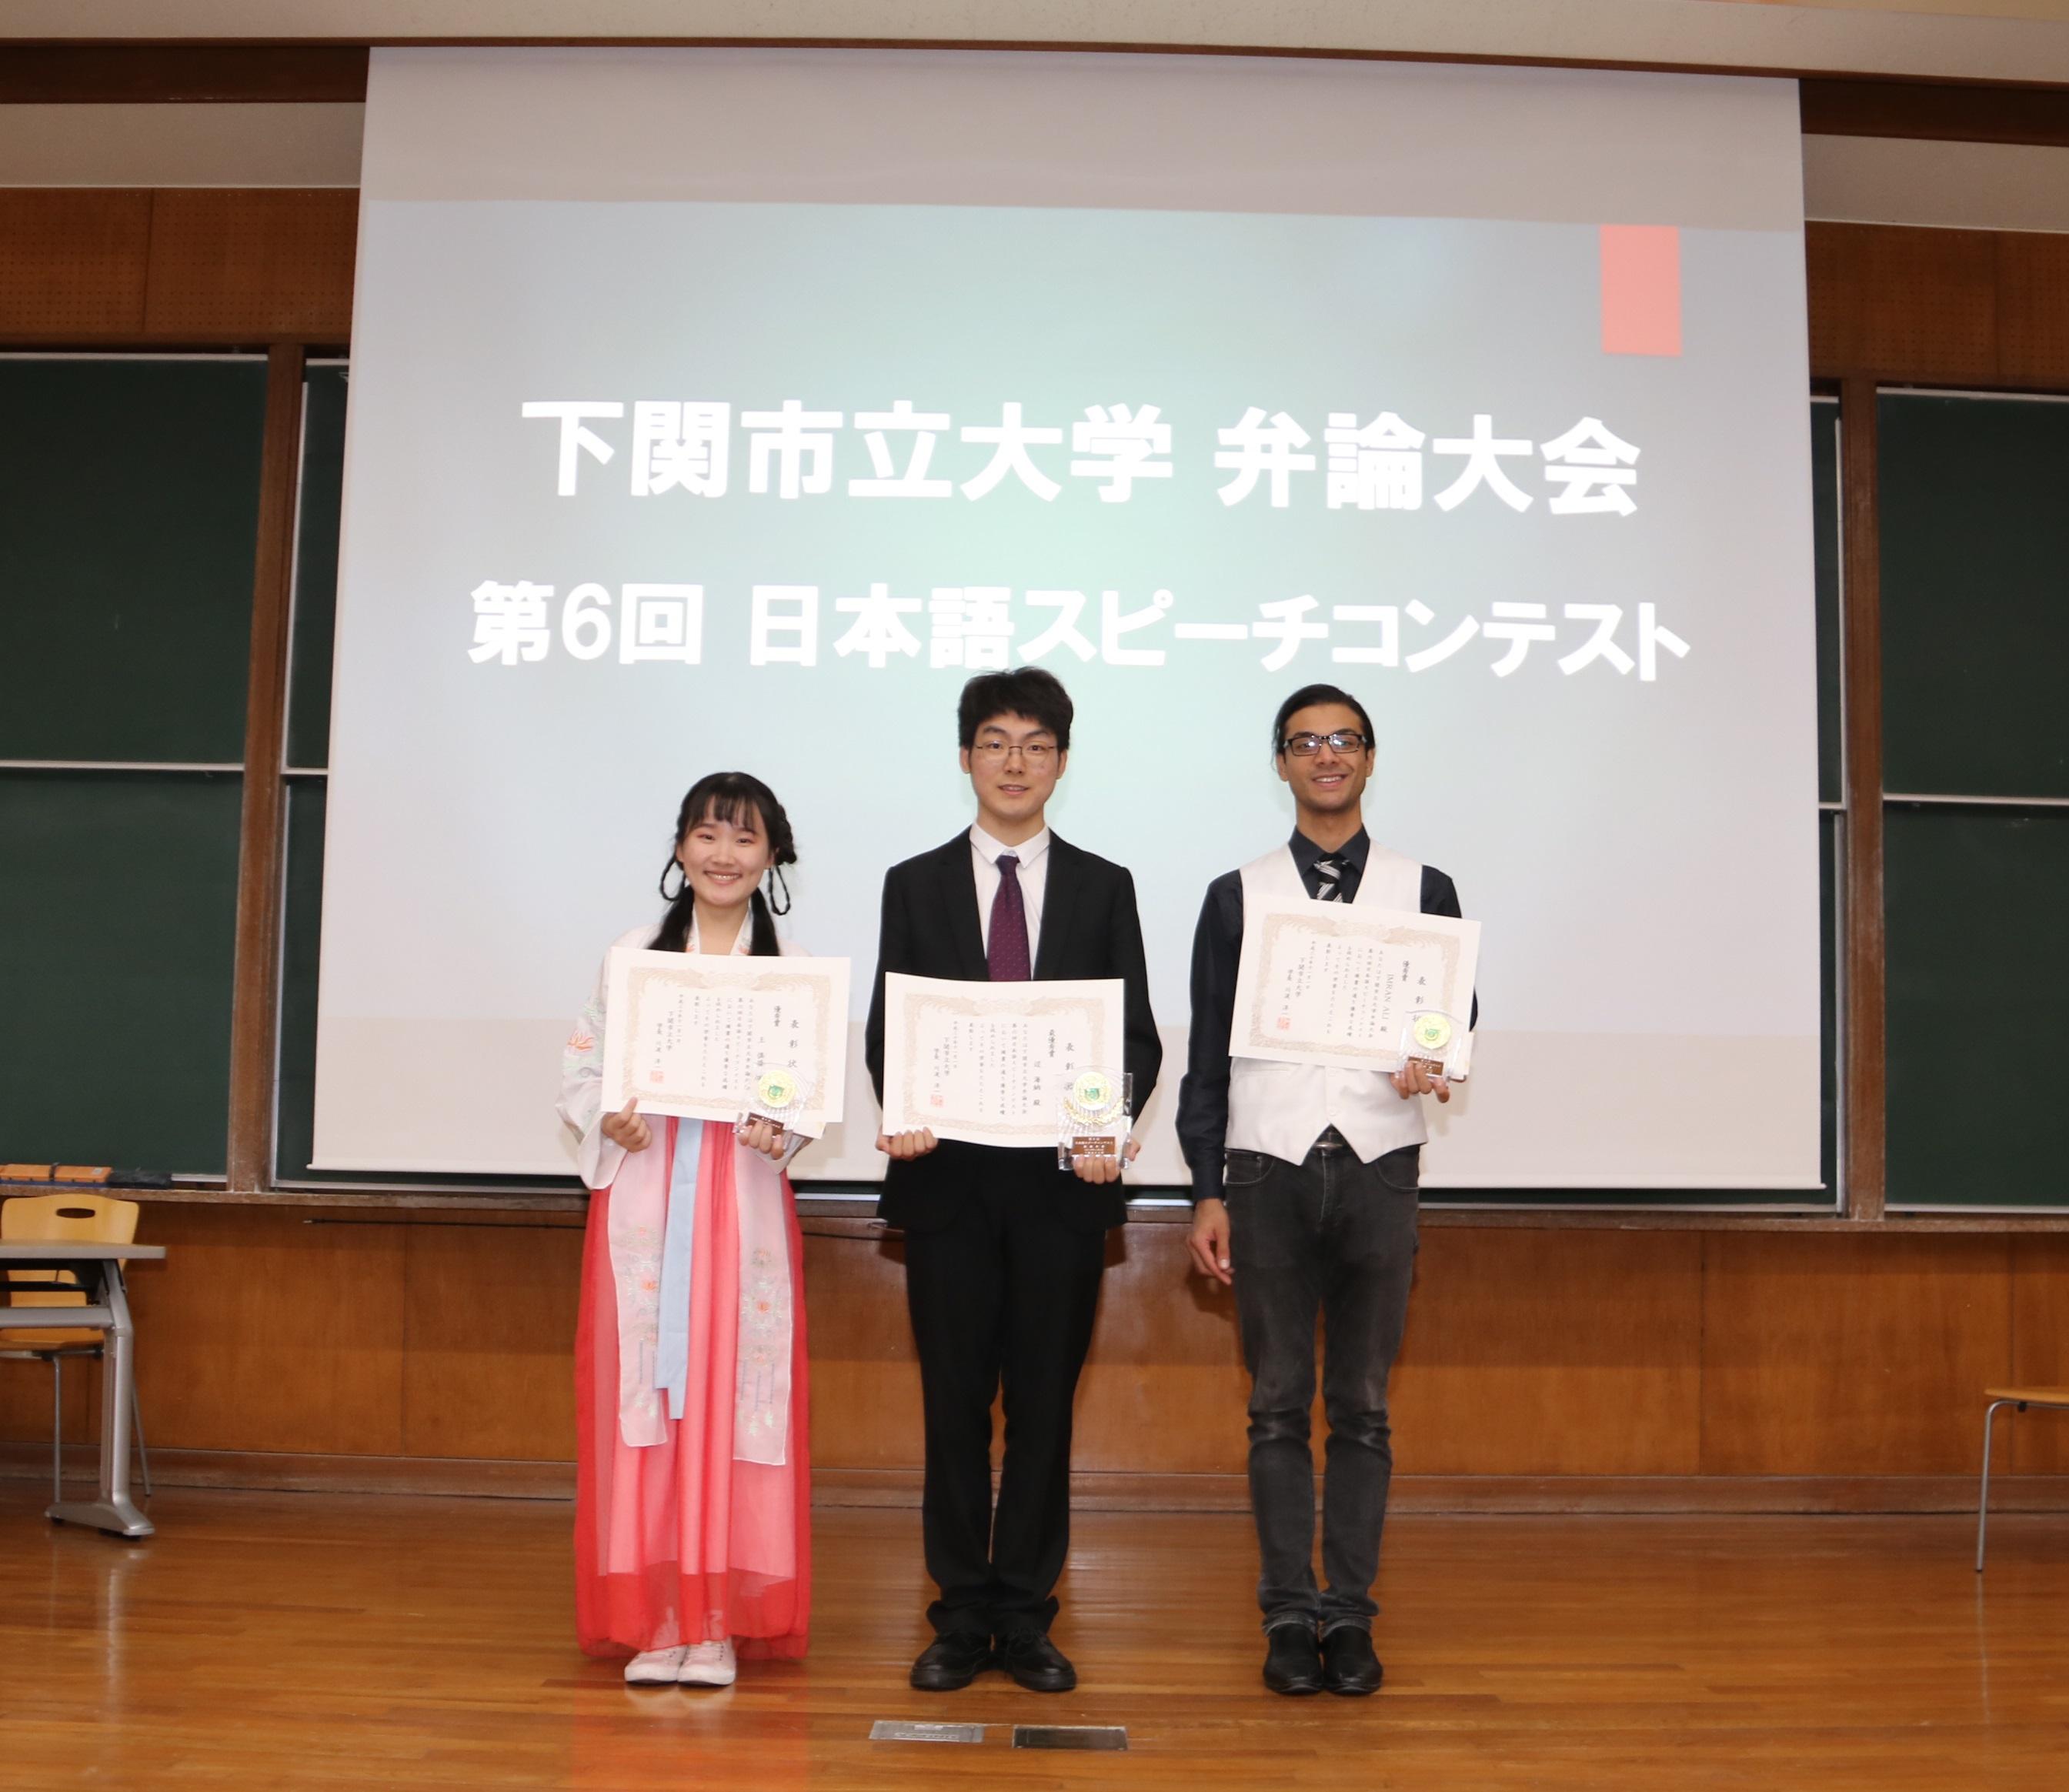 第6回日本語スピーチコンテストの様子